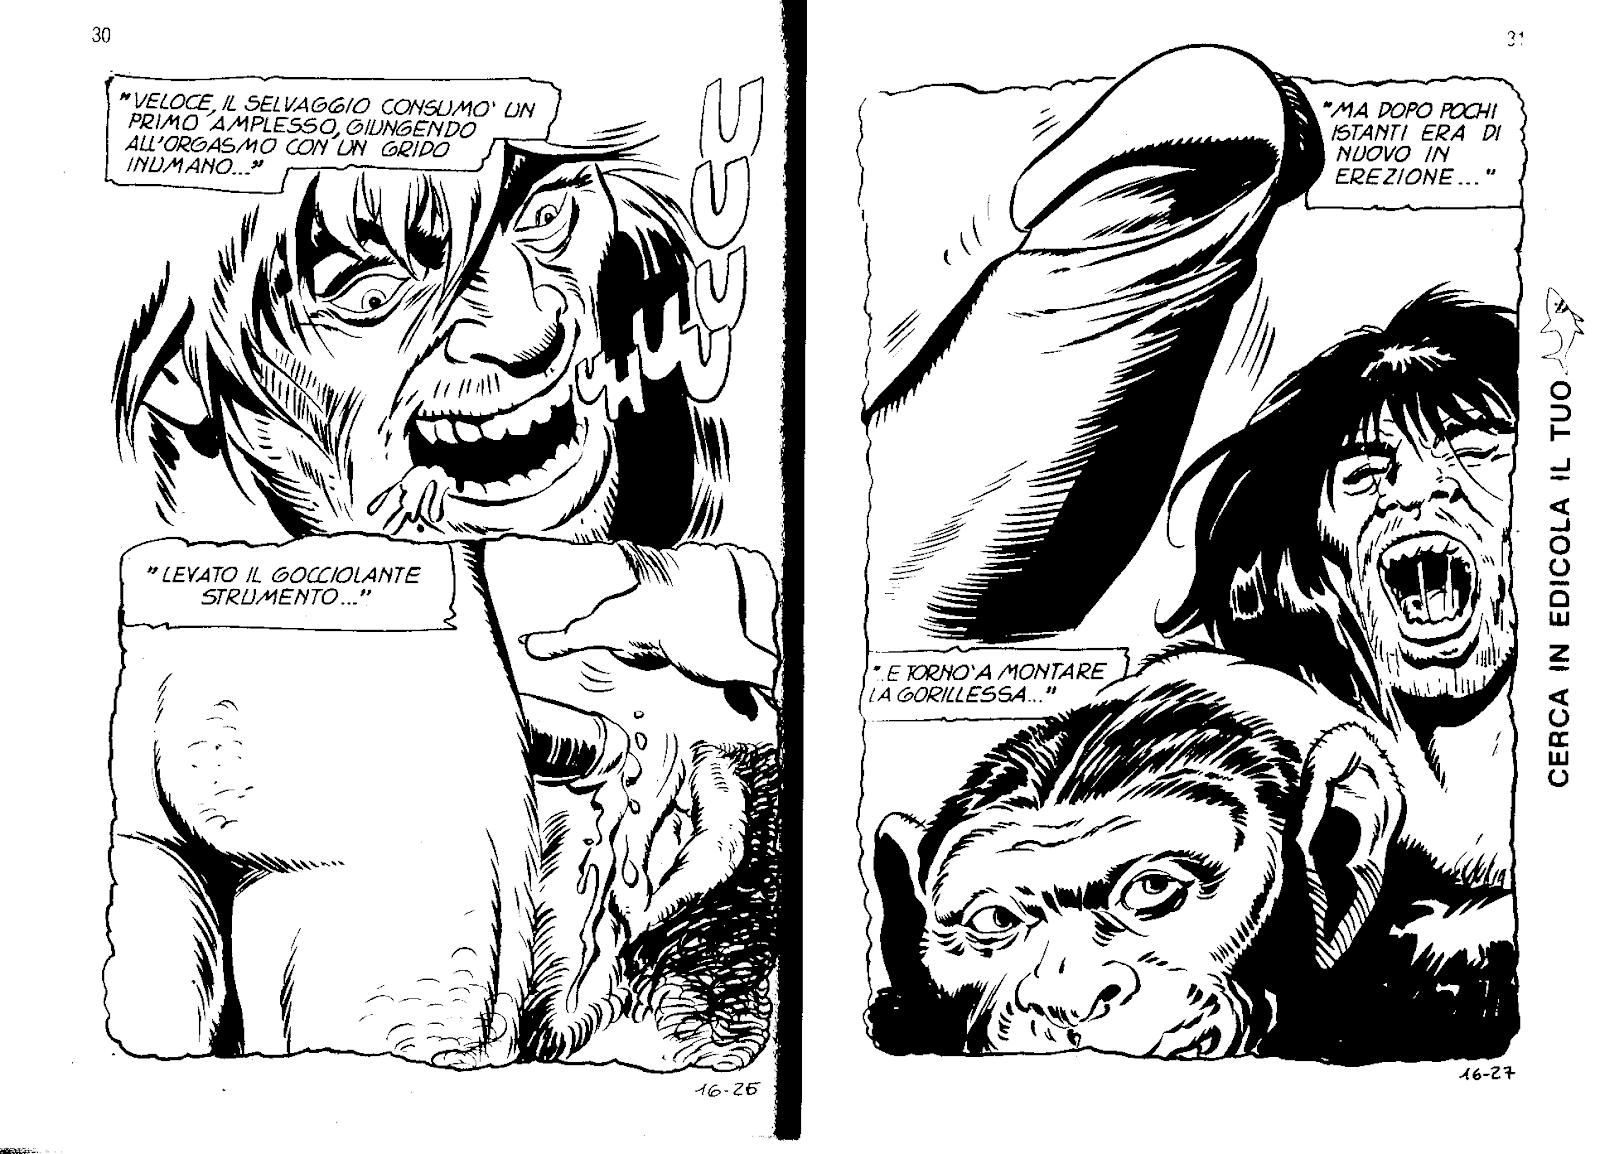 Selvaggio famiglia della giungla porno fumetti